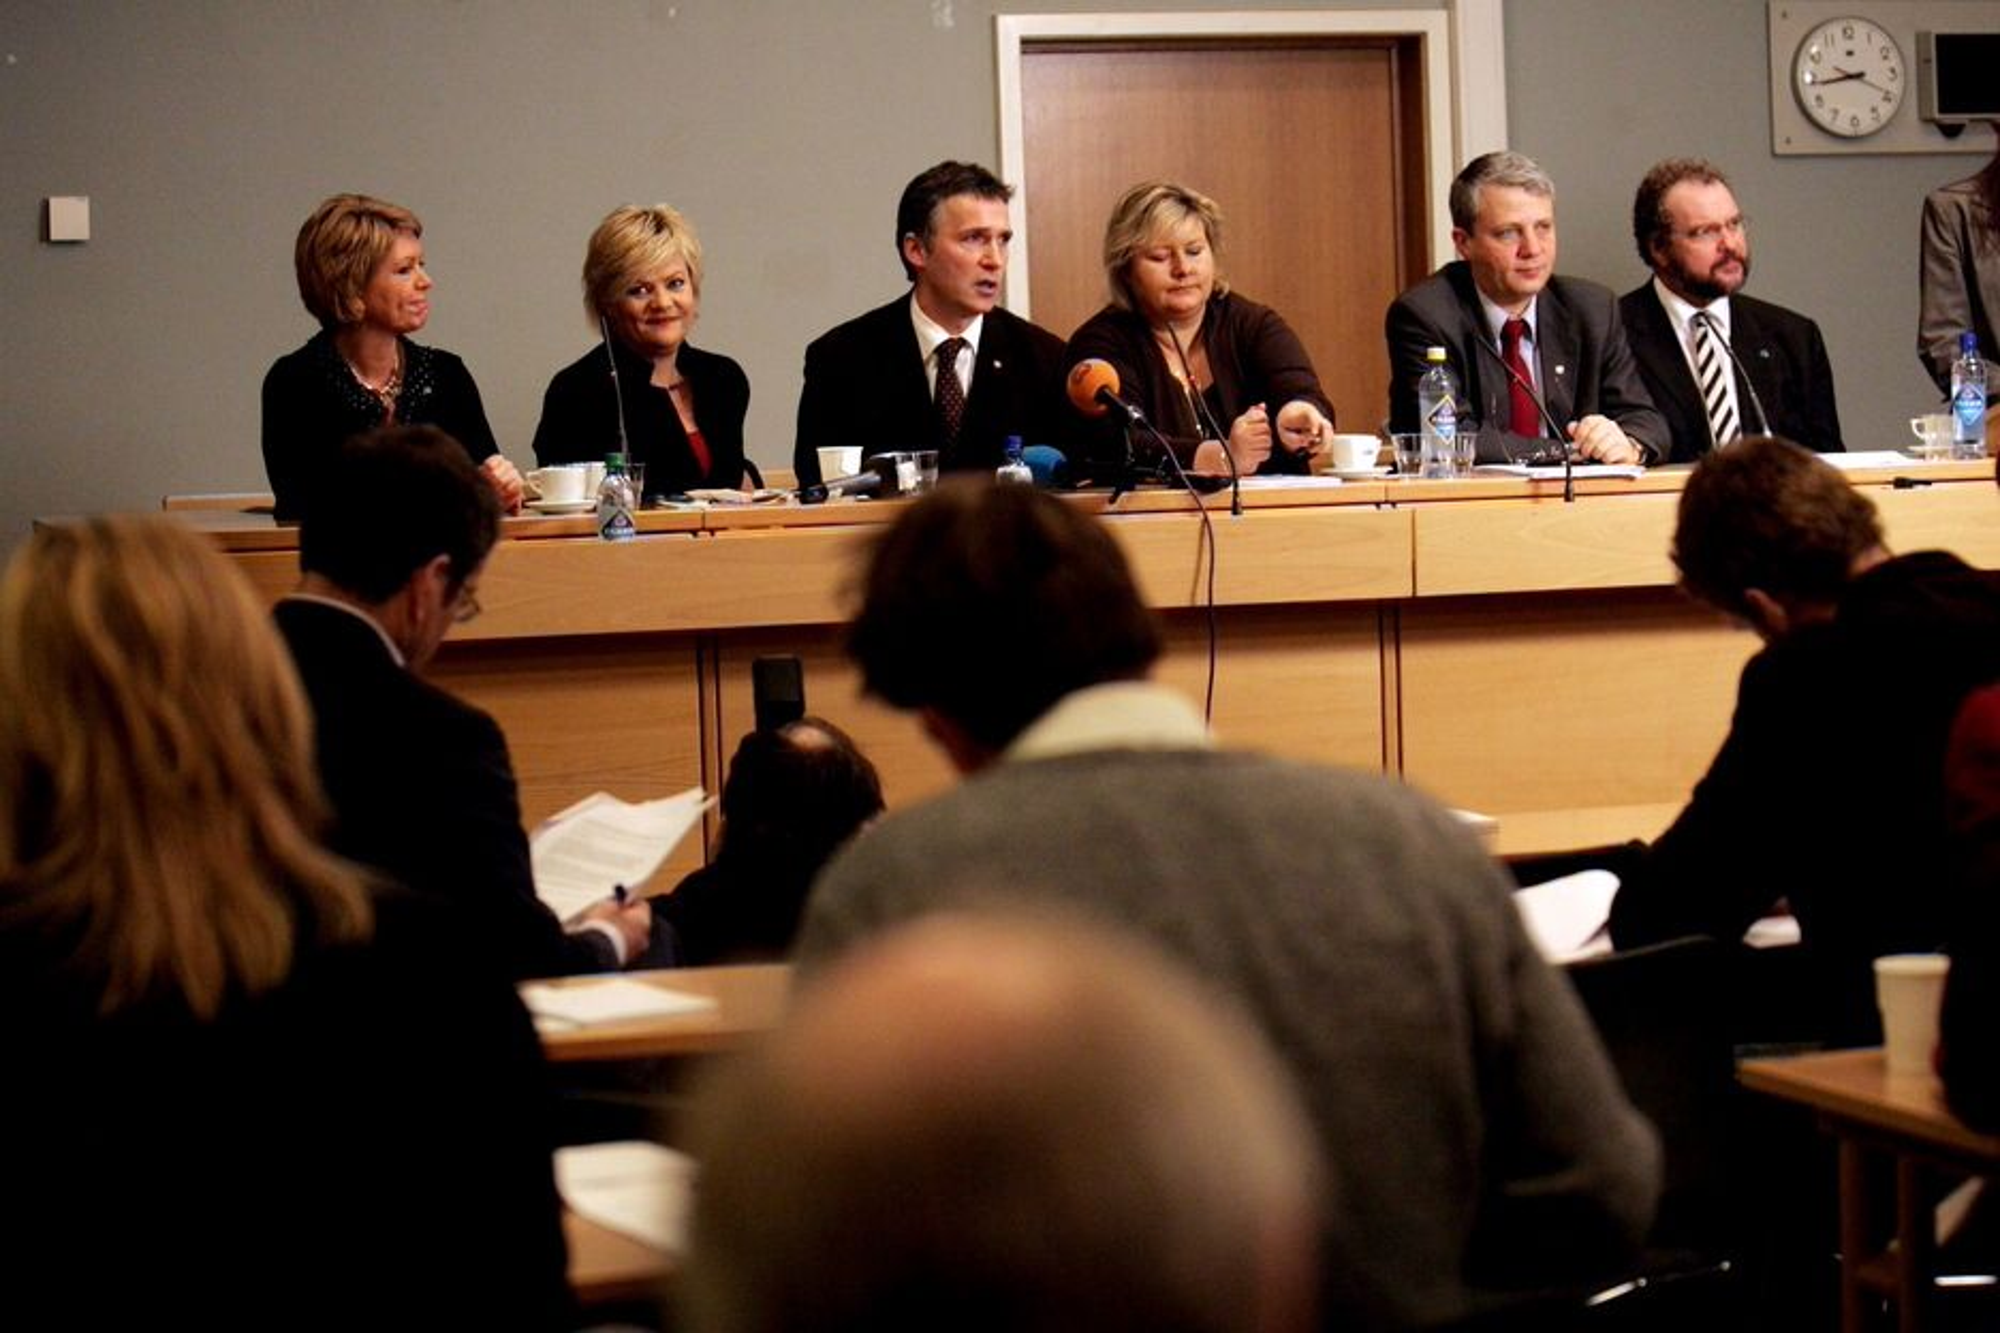 Partene i klimaforhandlinger ble torsdag morgen enige om en avtale- På bildet fra v.: SPs Aslaug Haga,finansminister Kristian Halvorsen, statsminister Jens Stoltenberg, Høyres leder Erna Solberg,  KrFs leder Dagfinn Høybråten og Venstre-leder Lars Sponheim